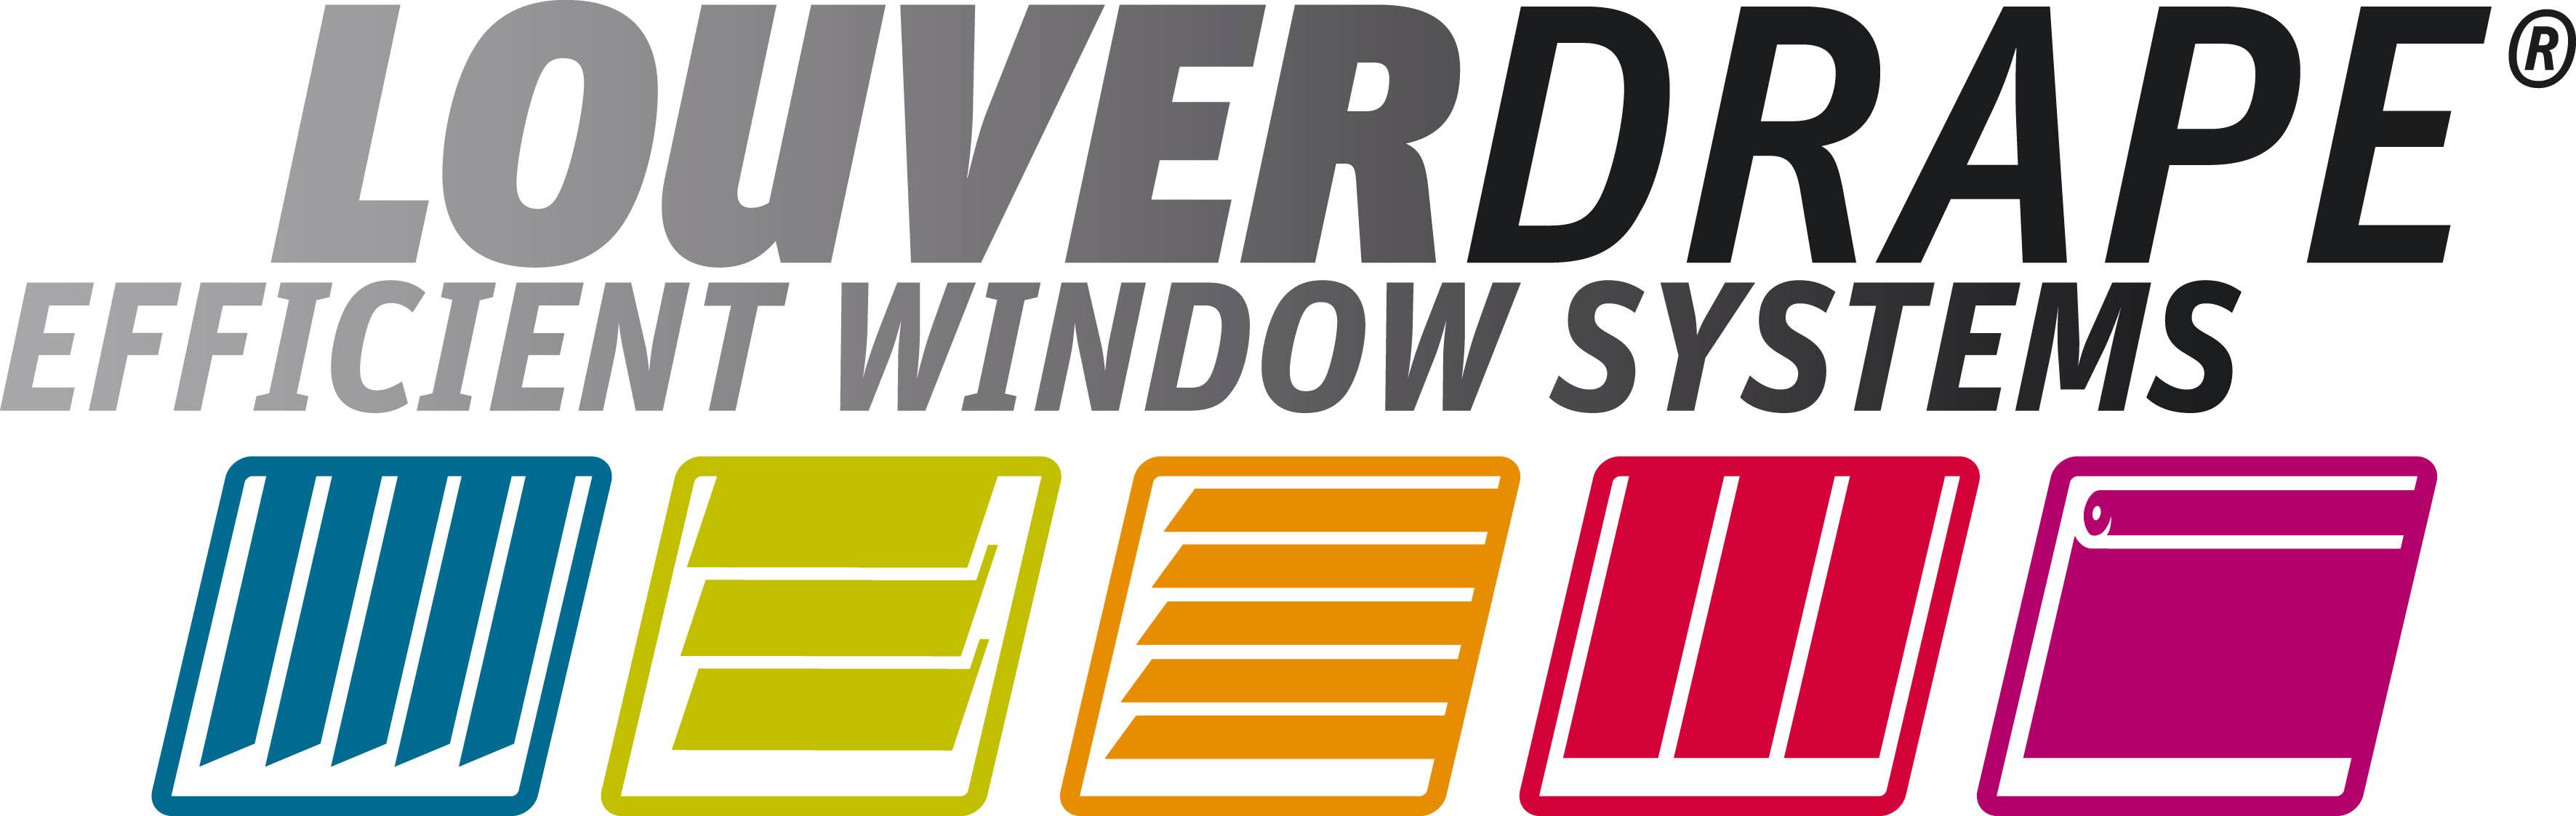 Logo Louverdrape 20